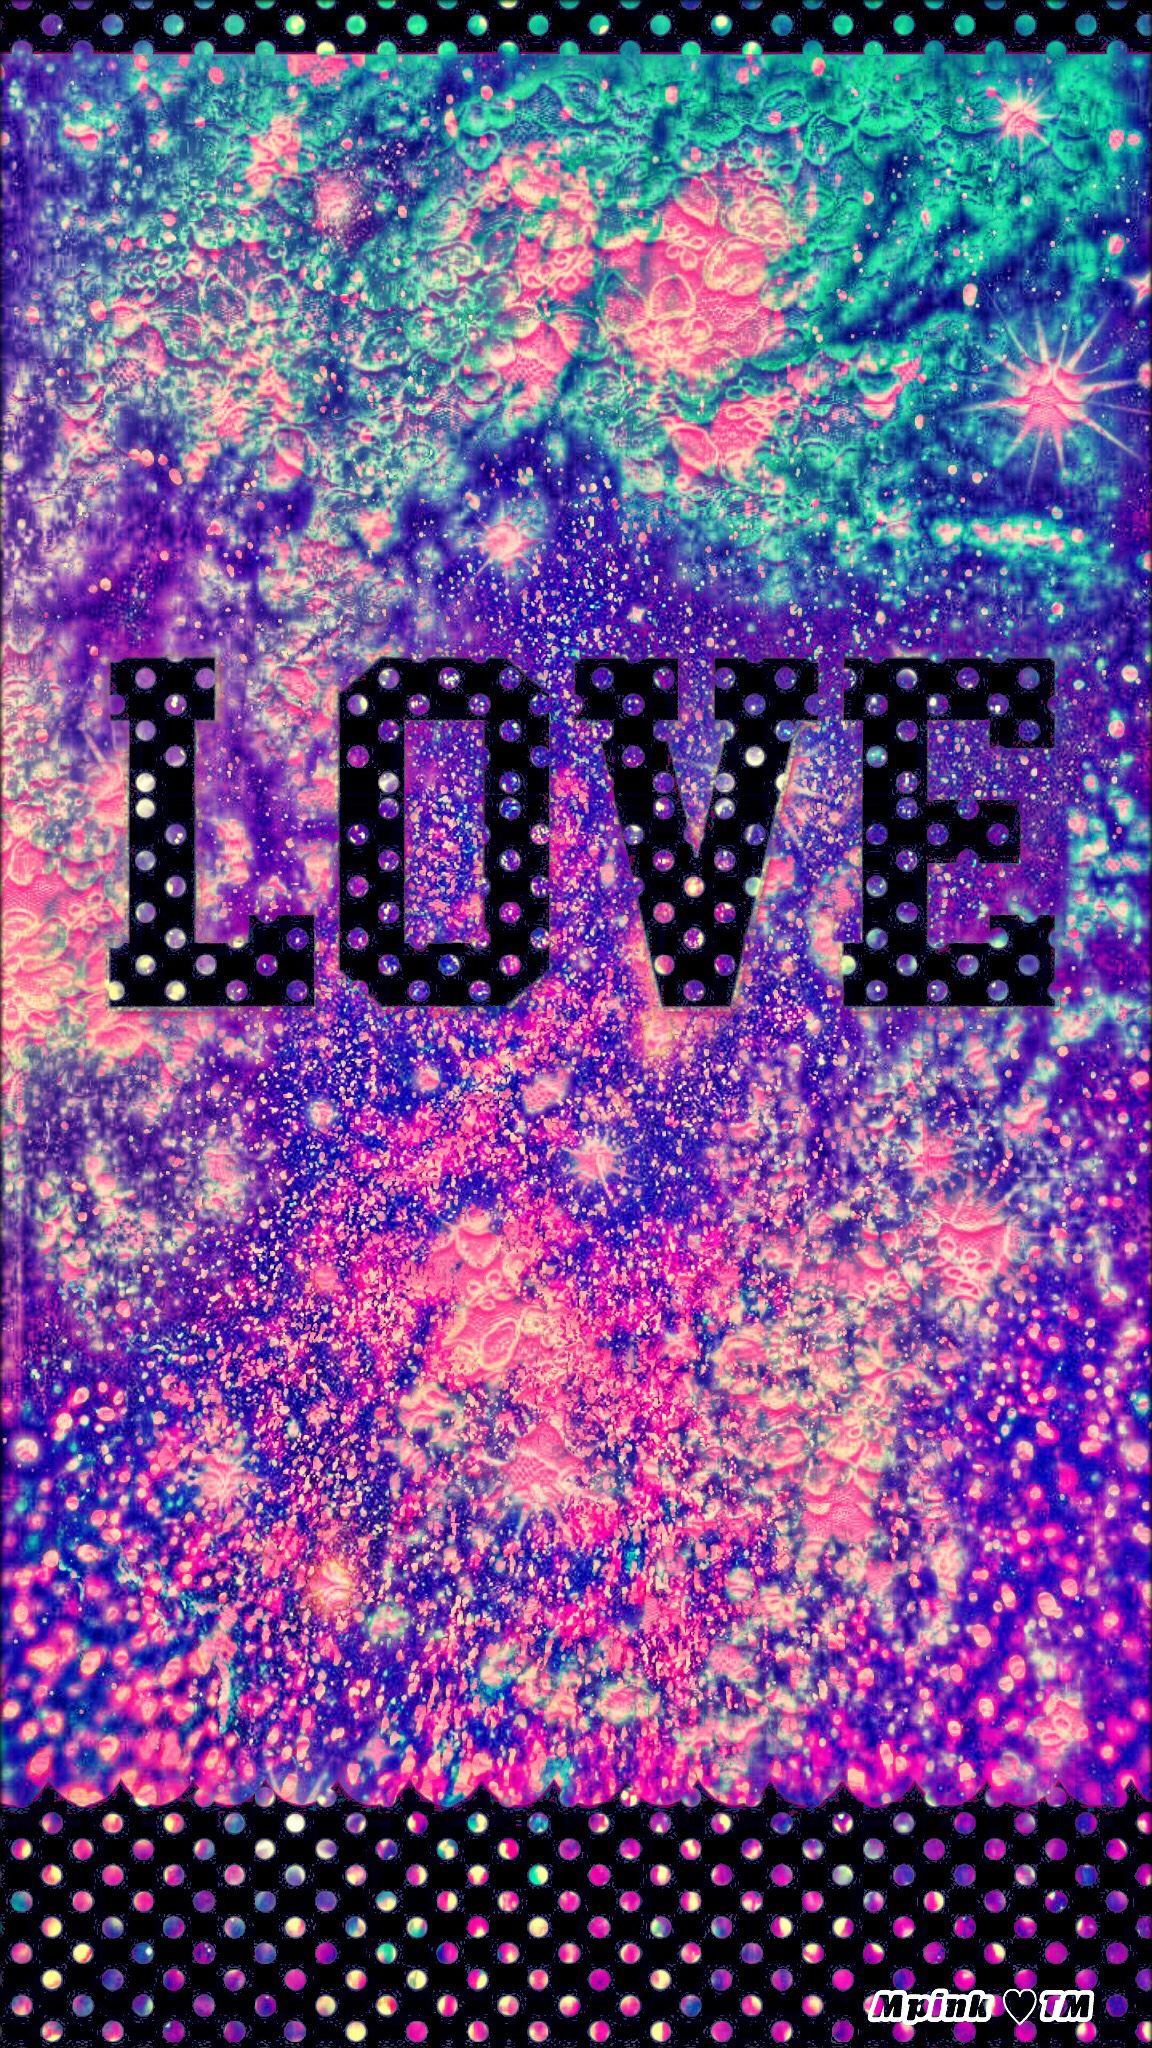 Love Galaxy Wallpaper Androidwallpaper Iphonewallpaper Wallpaper Galaxy Sparkle Glitter Galaxy Wallpaper Pretty Wallpaper Iphone Beautiful Girl Wallpaper